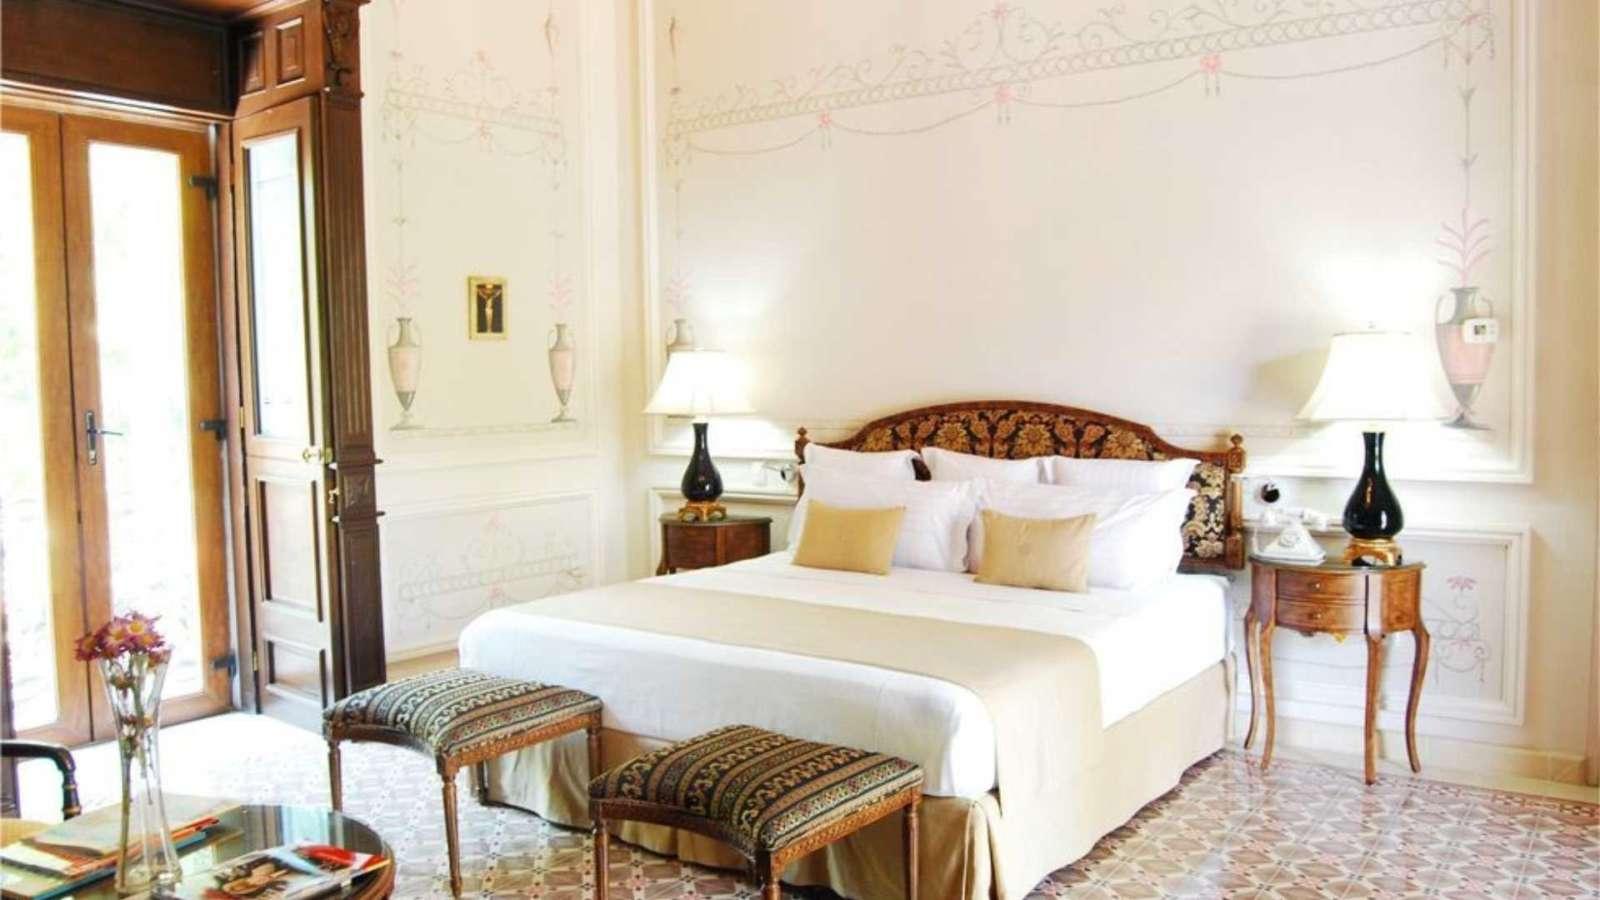 Room at hotel Mansion Merida